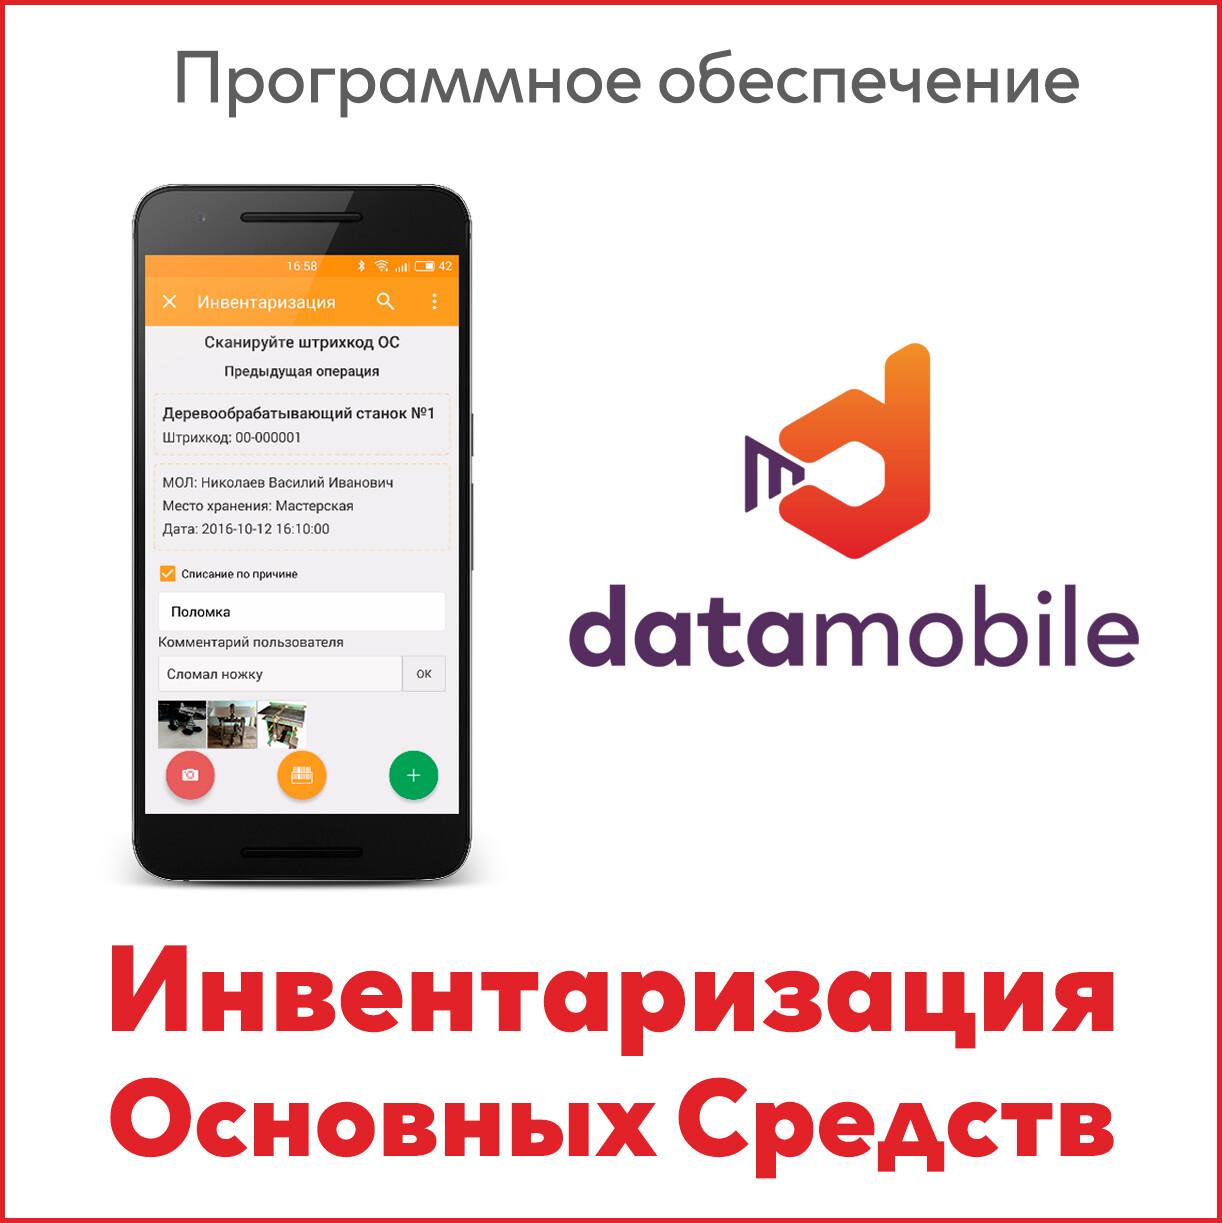 DataMobile Инвентаризация ОС